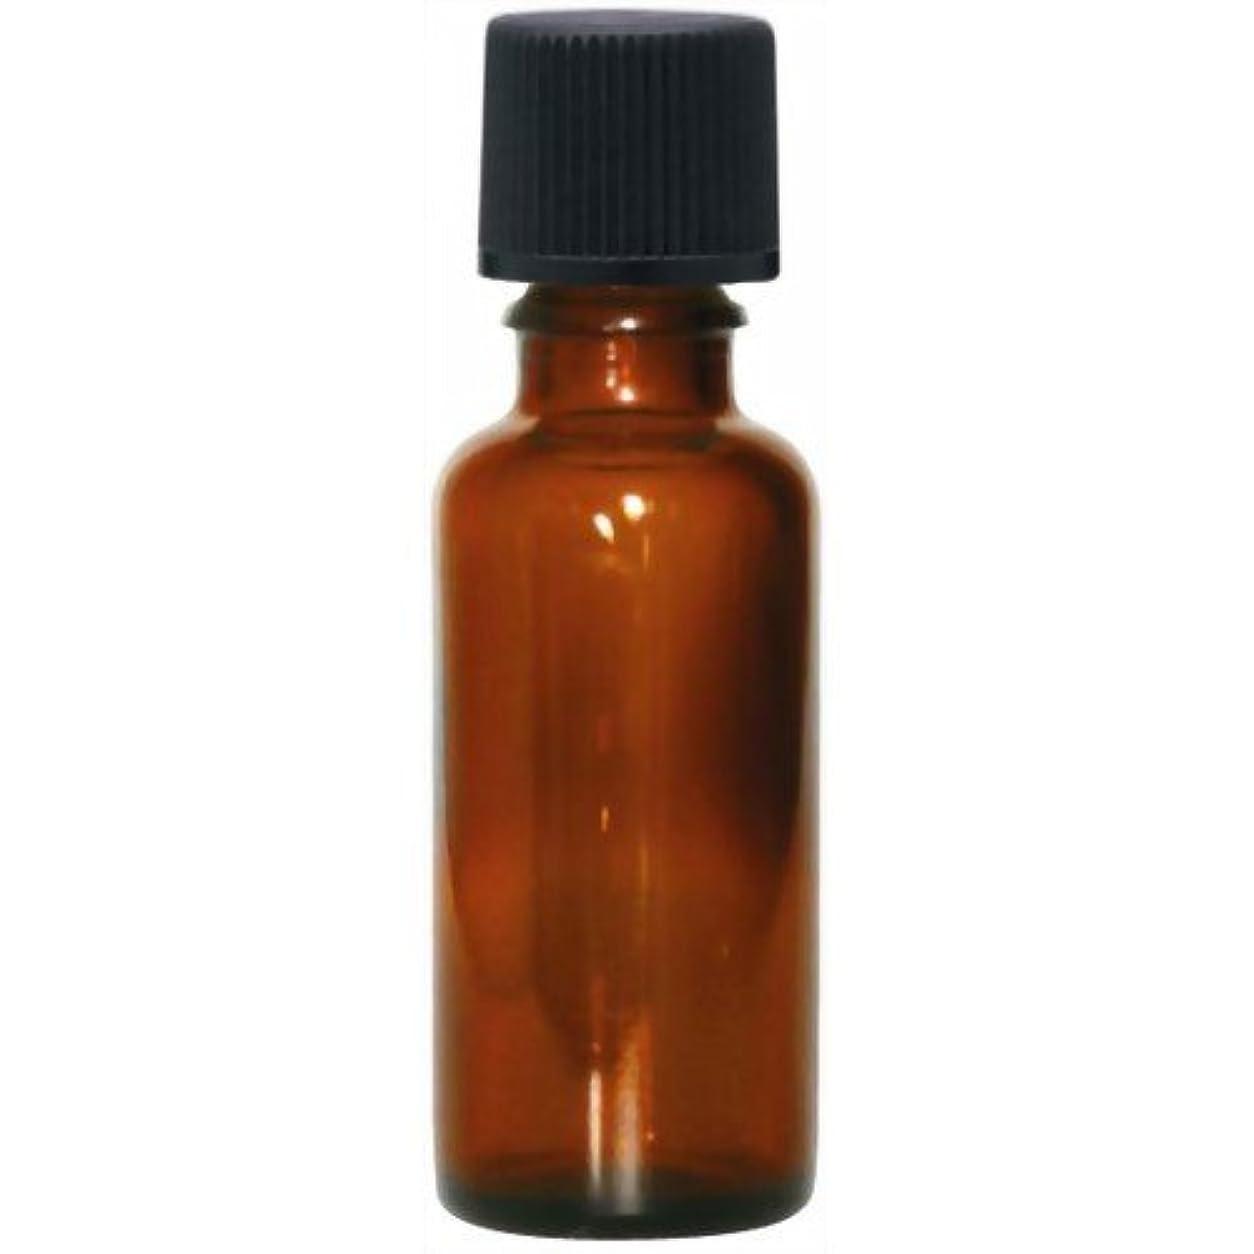 考古学ドックミンチ茶色遮光瓶30ml(黒キャップ)